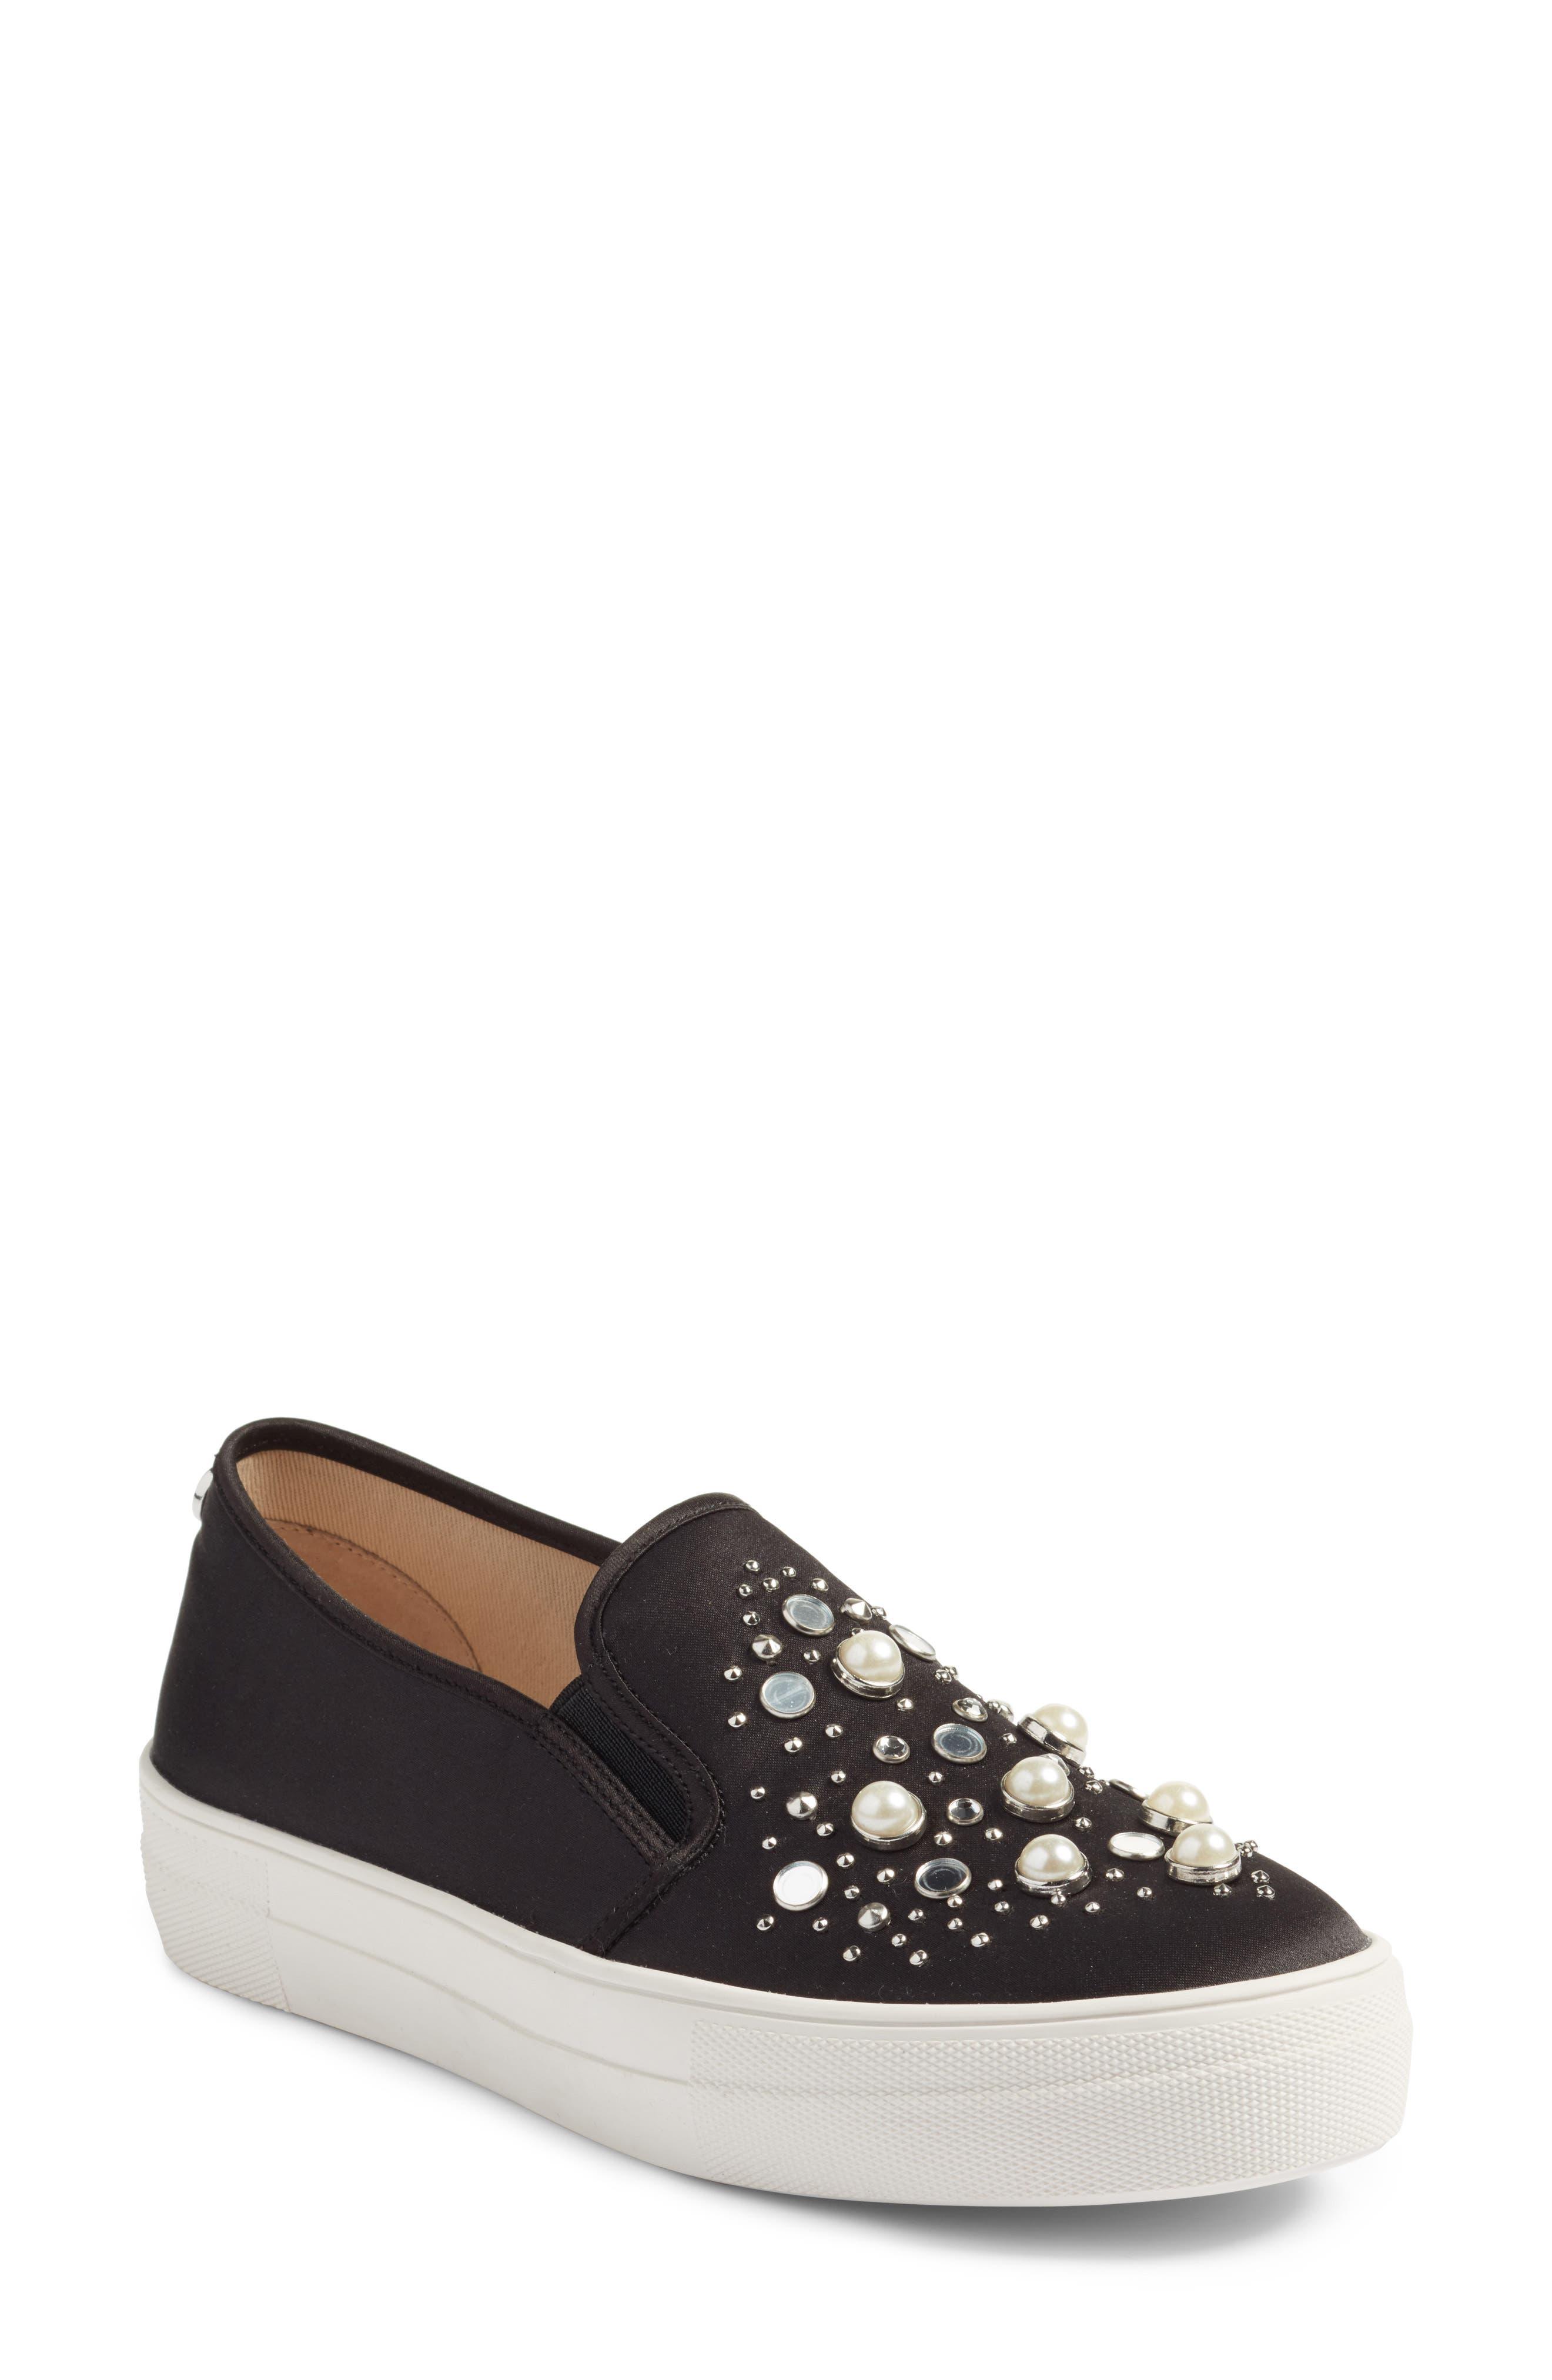 Glade Embellished Slip-On Sneaker,                         Main,                         color, 001